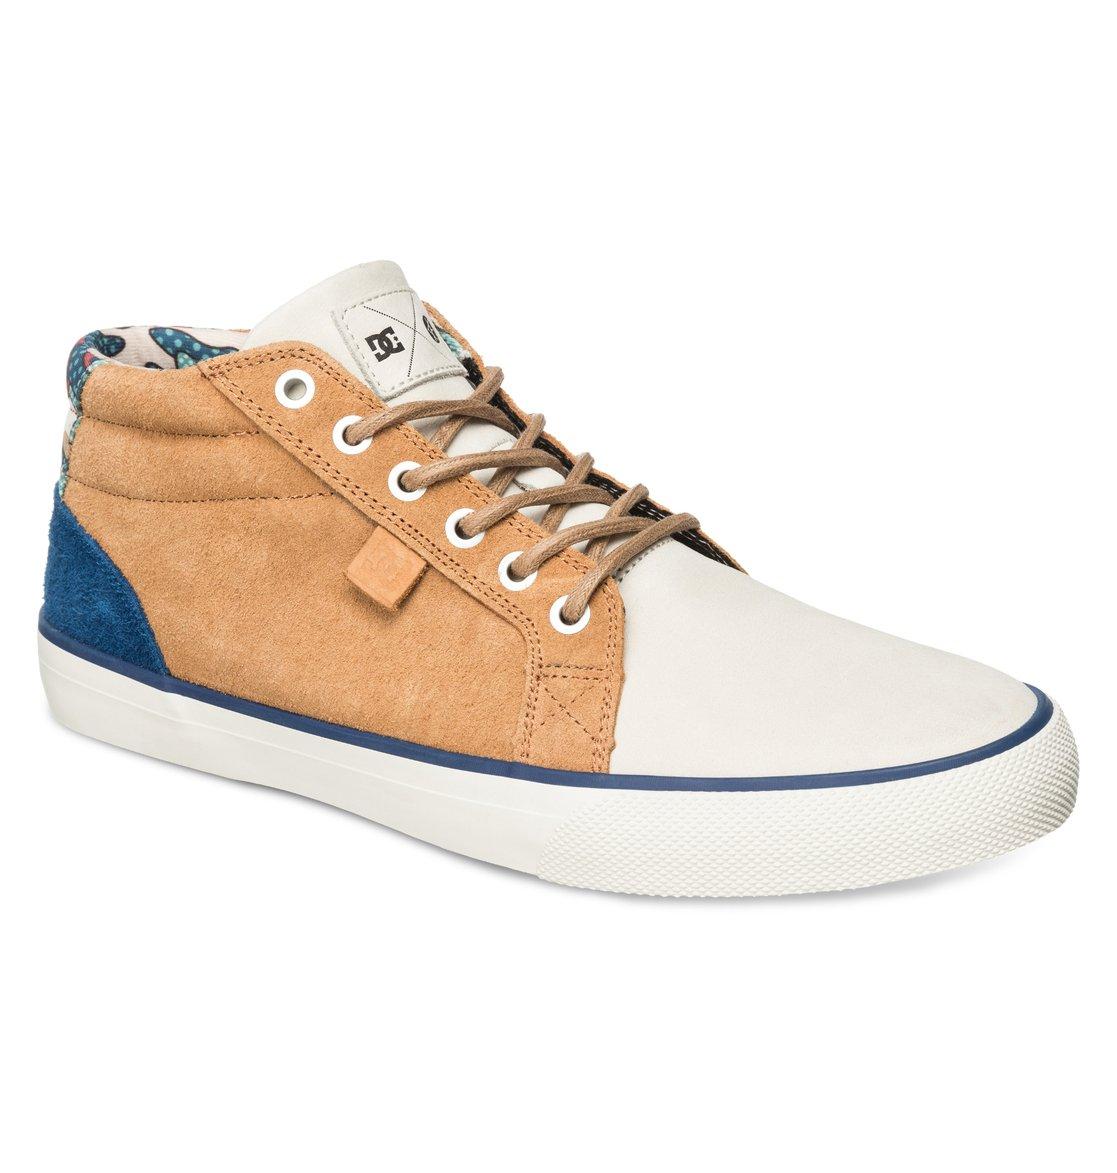 Dc Shoes Men S Mid Top